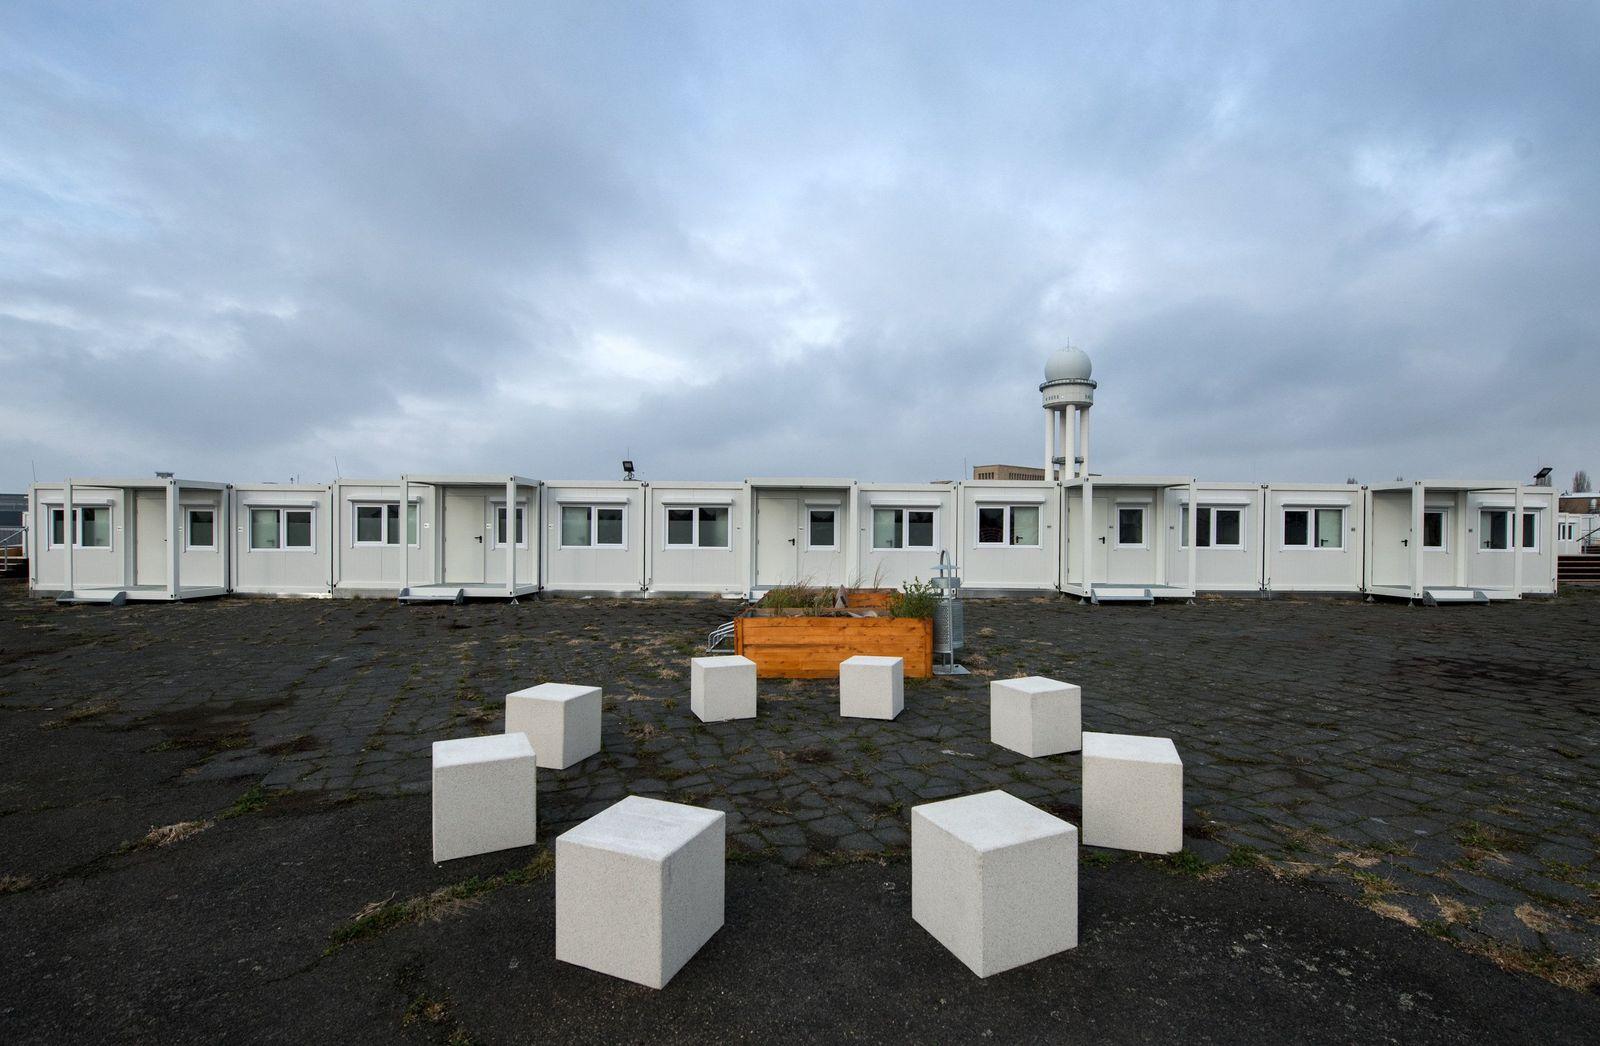 Tempohomes auf dem Tempelhofer Feld in Berlin